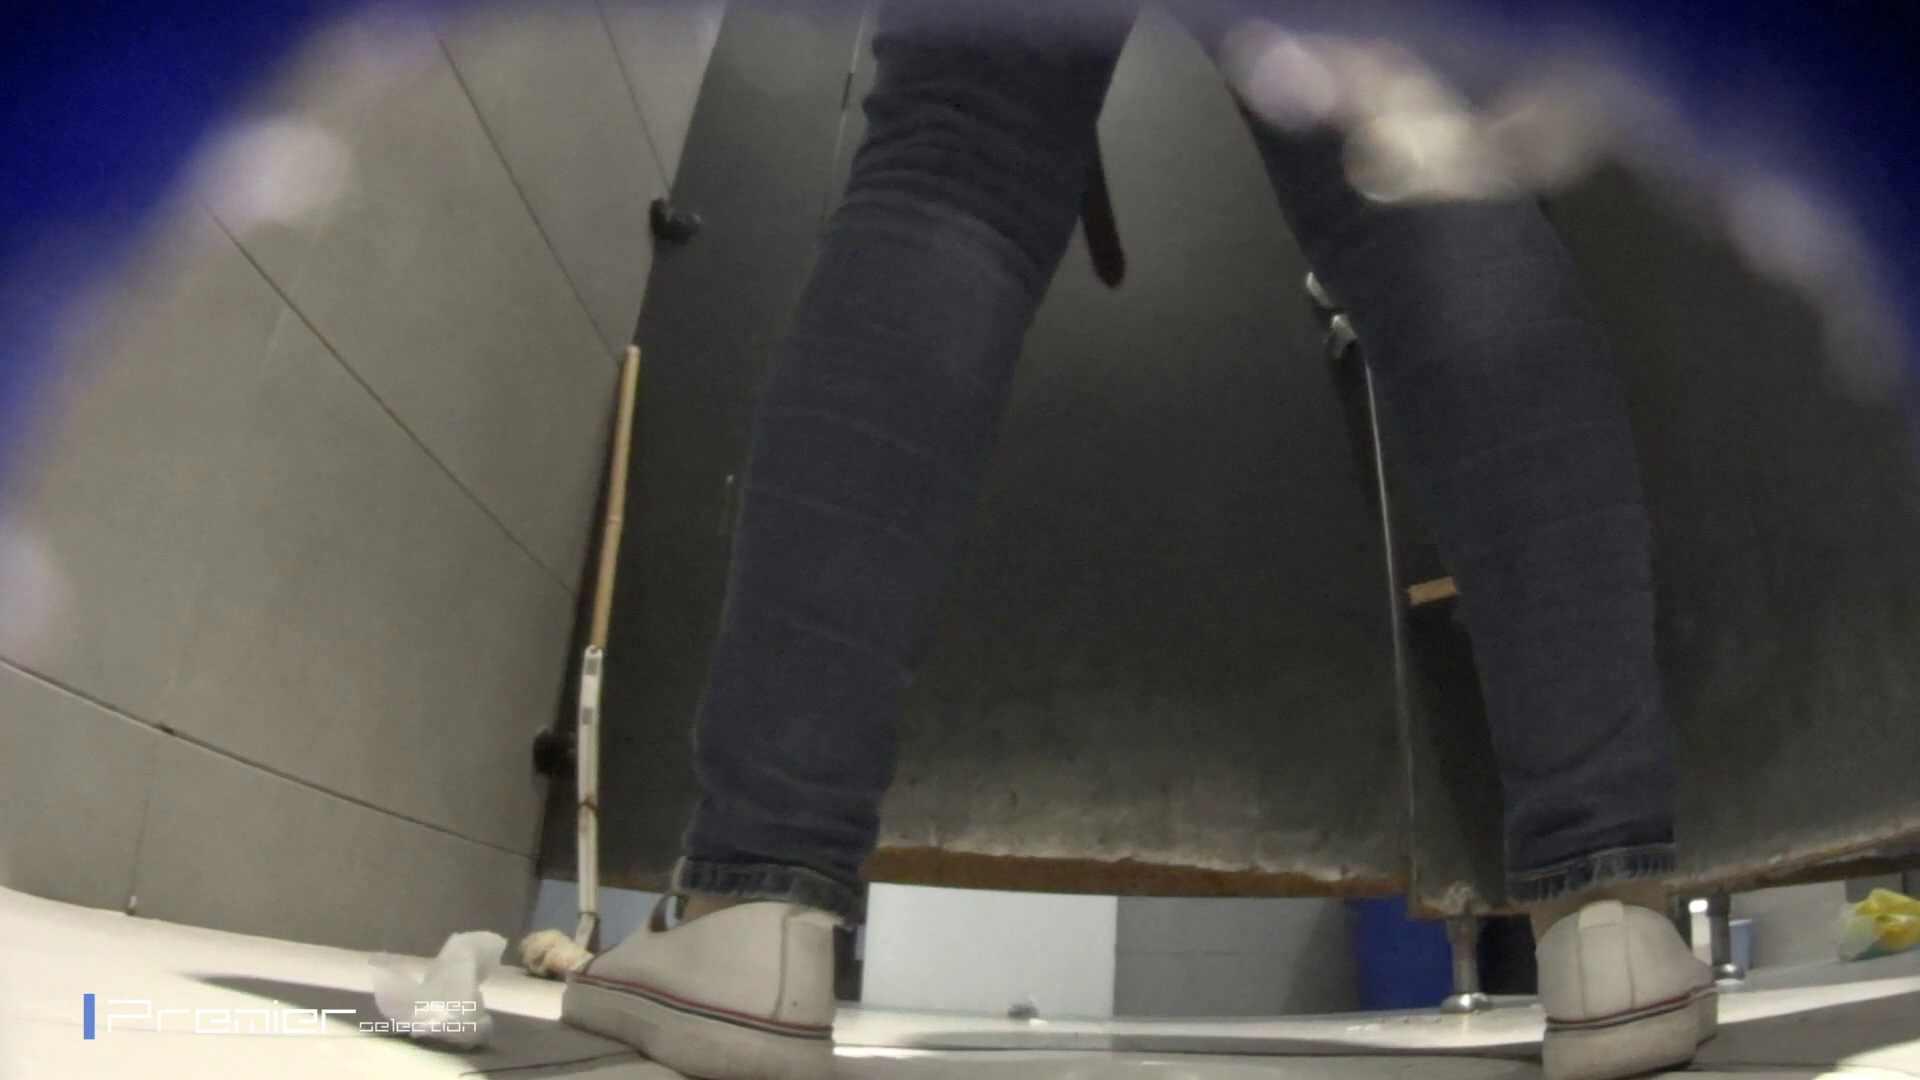 黒スパッツ美女 大学休憩時間の洗面所事情70 丸見え オメコ動画キャプチャ 79枚 66